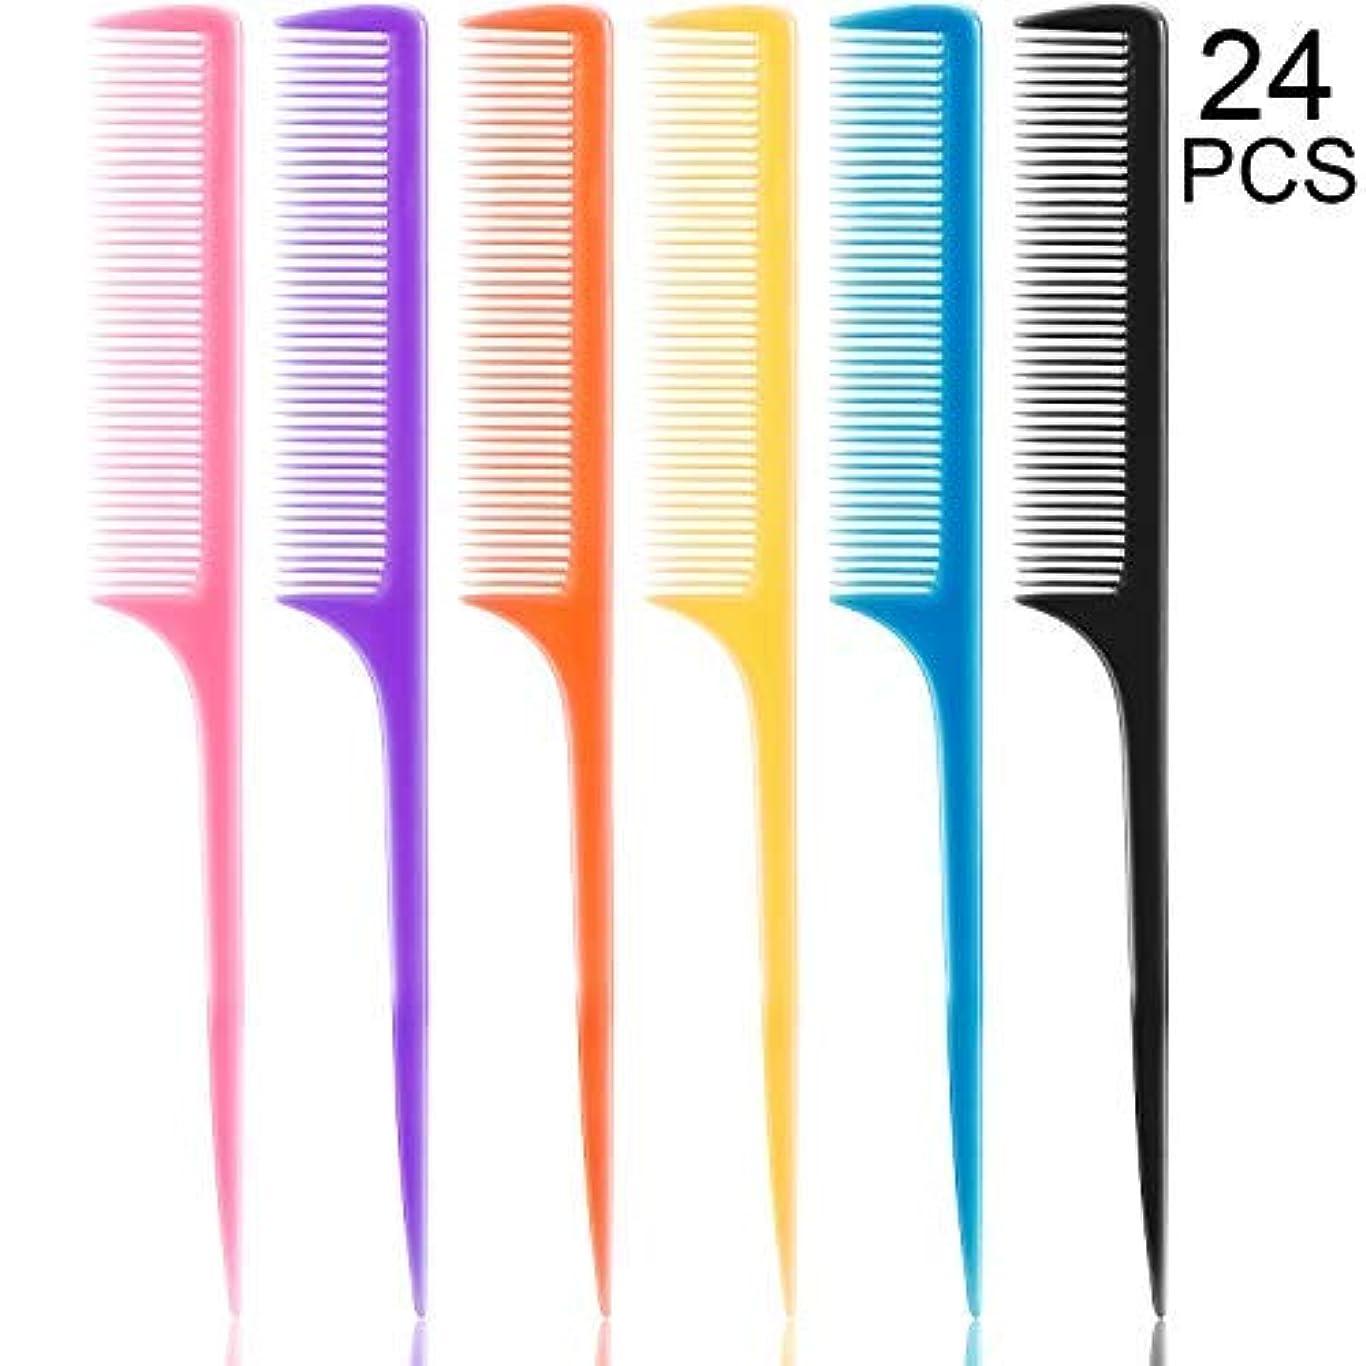 ソーセージスイッチアルカトラズ島24 Pieces Plastic Rat Tail Combs 8.5 Inch Fine-tooth Hair Combs Pin Tail Hair Styling Combs with Thin and Long...